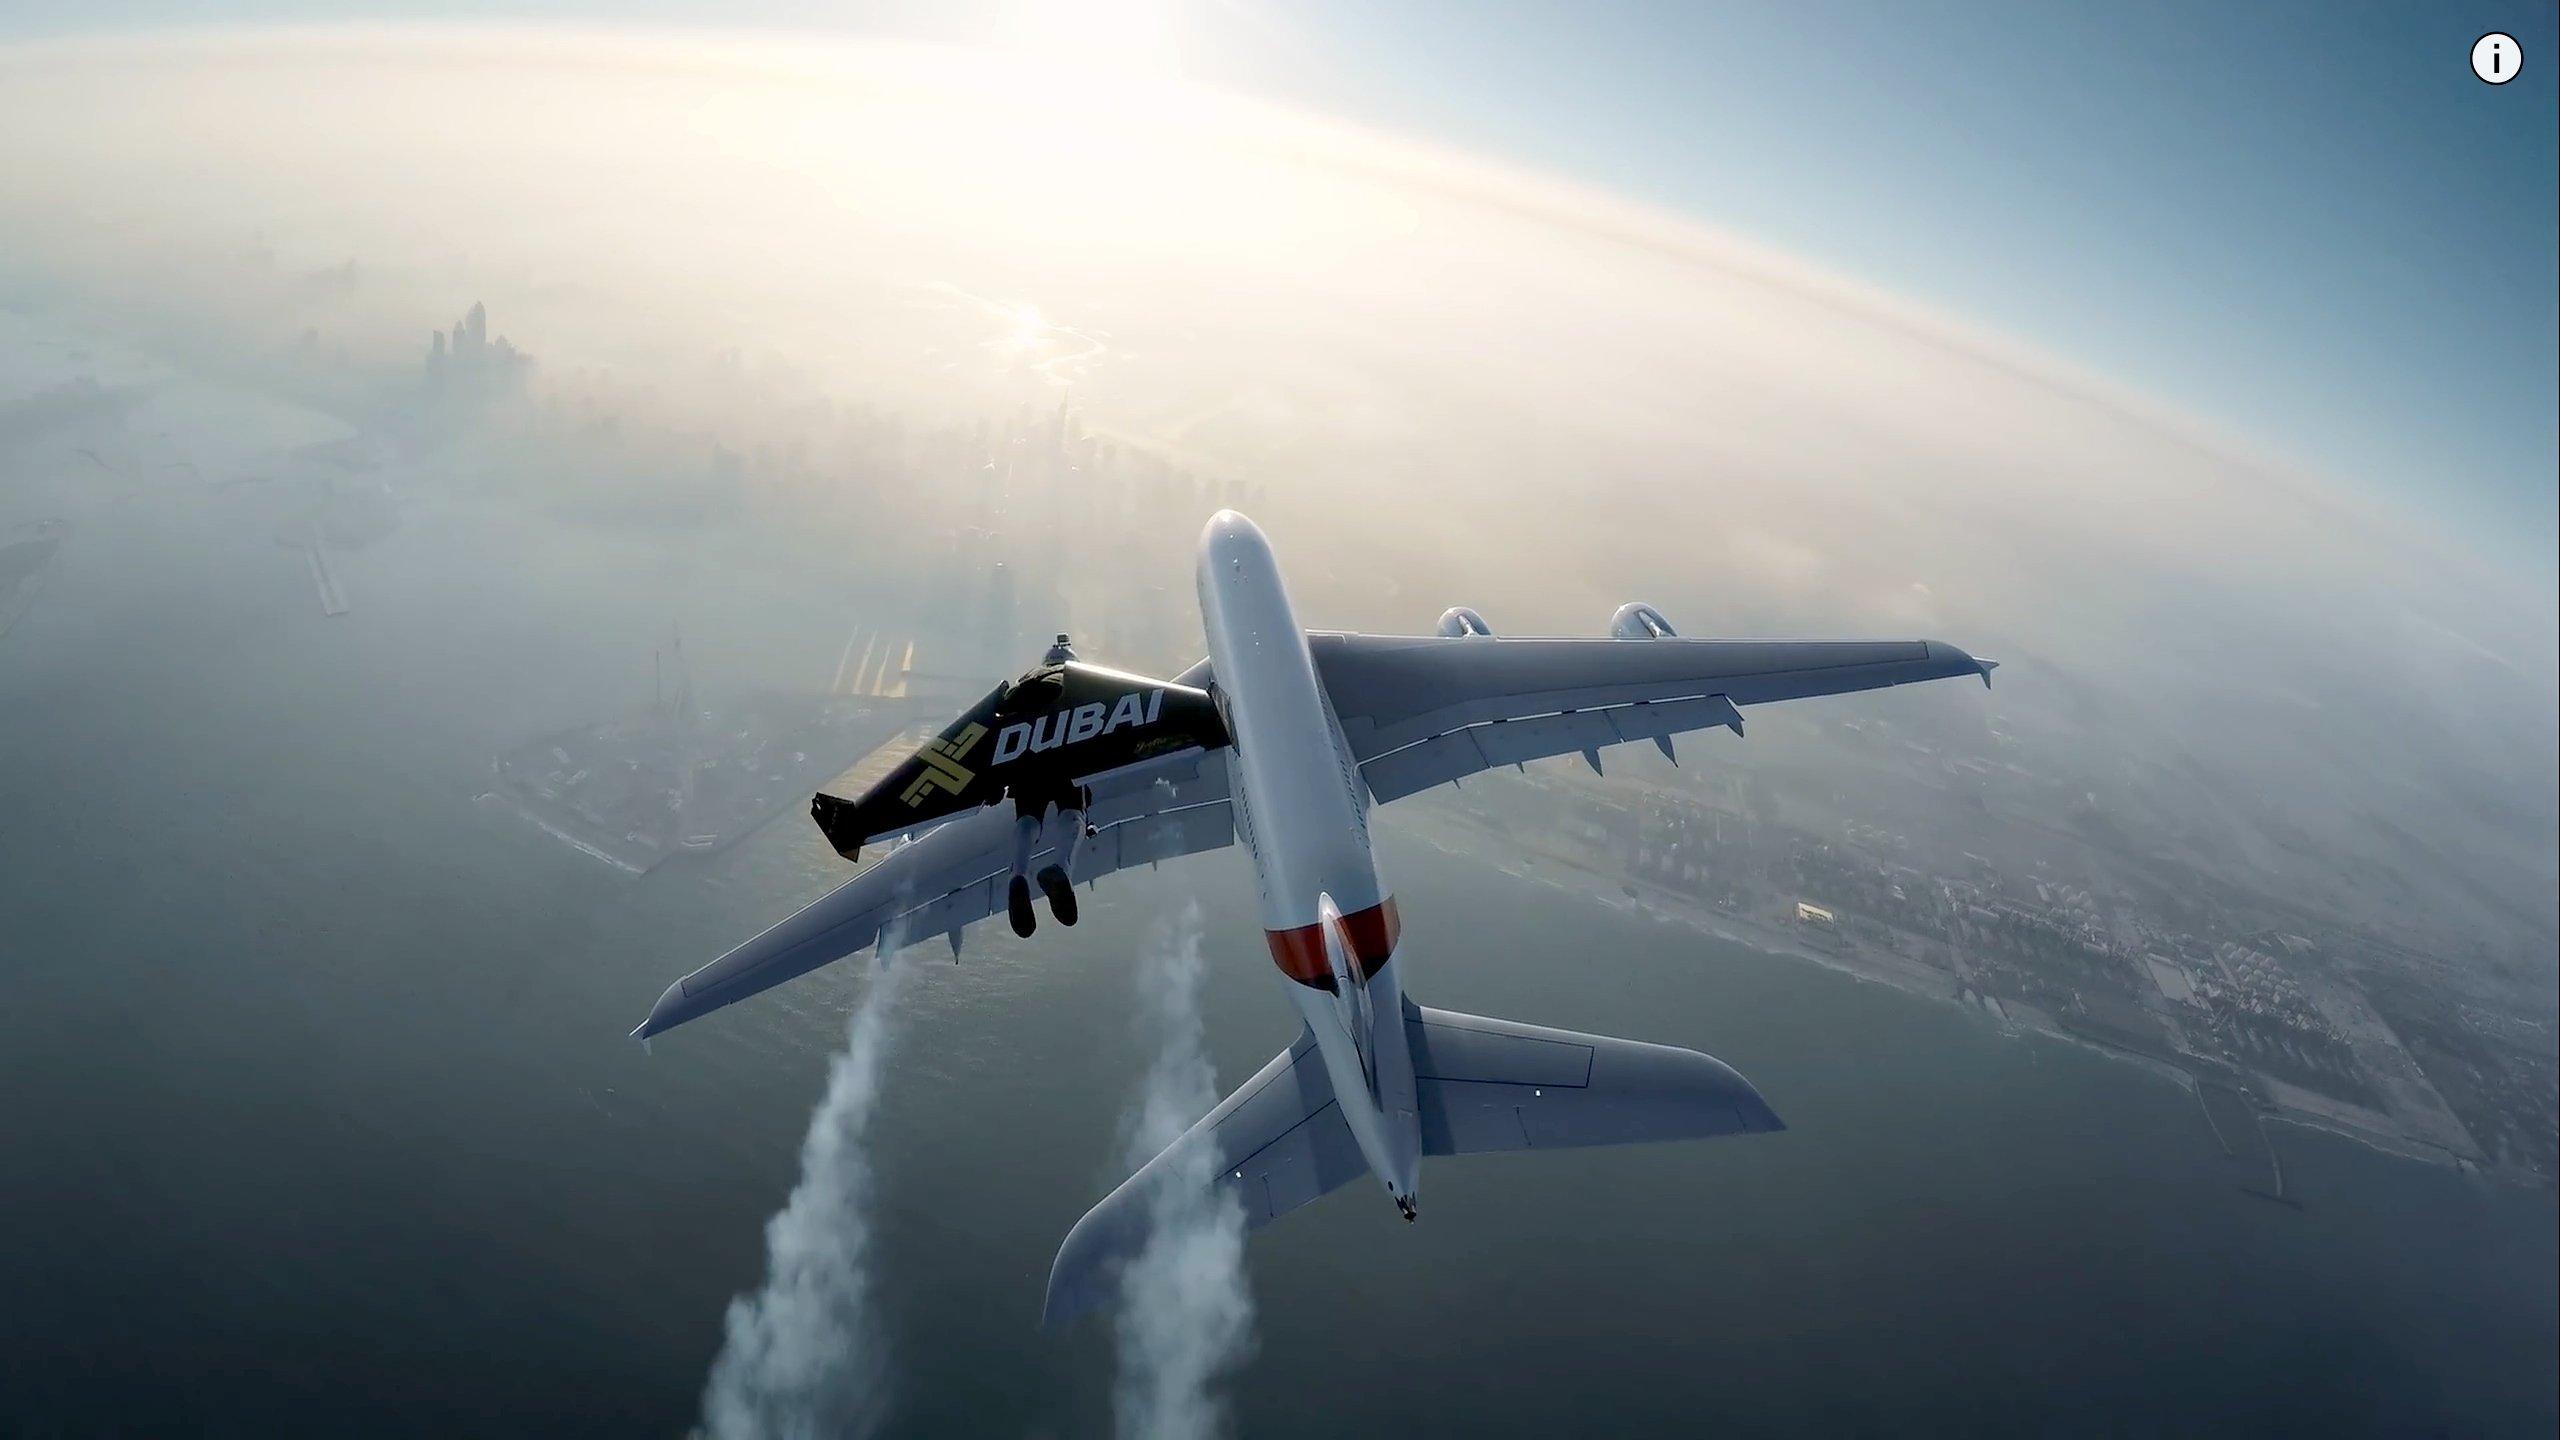 Spektakuläres Manöver vor der Kulisse Dubais: Jetman und A380 im Steigflug.